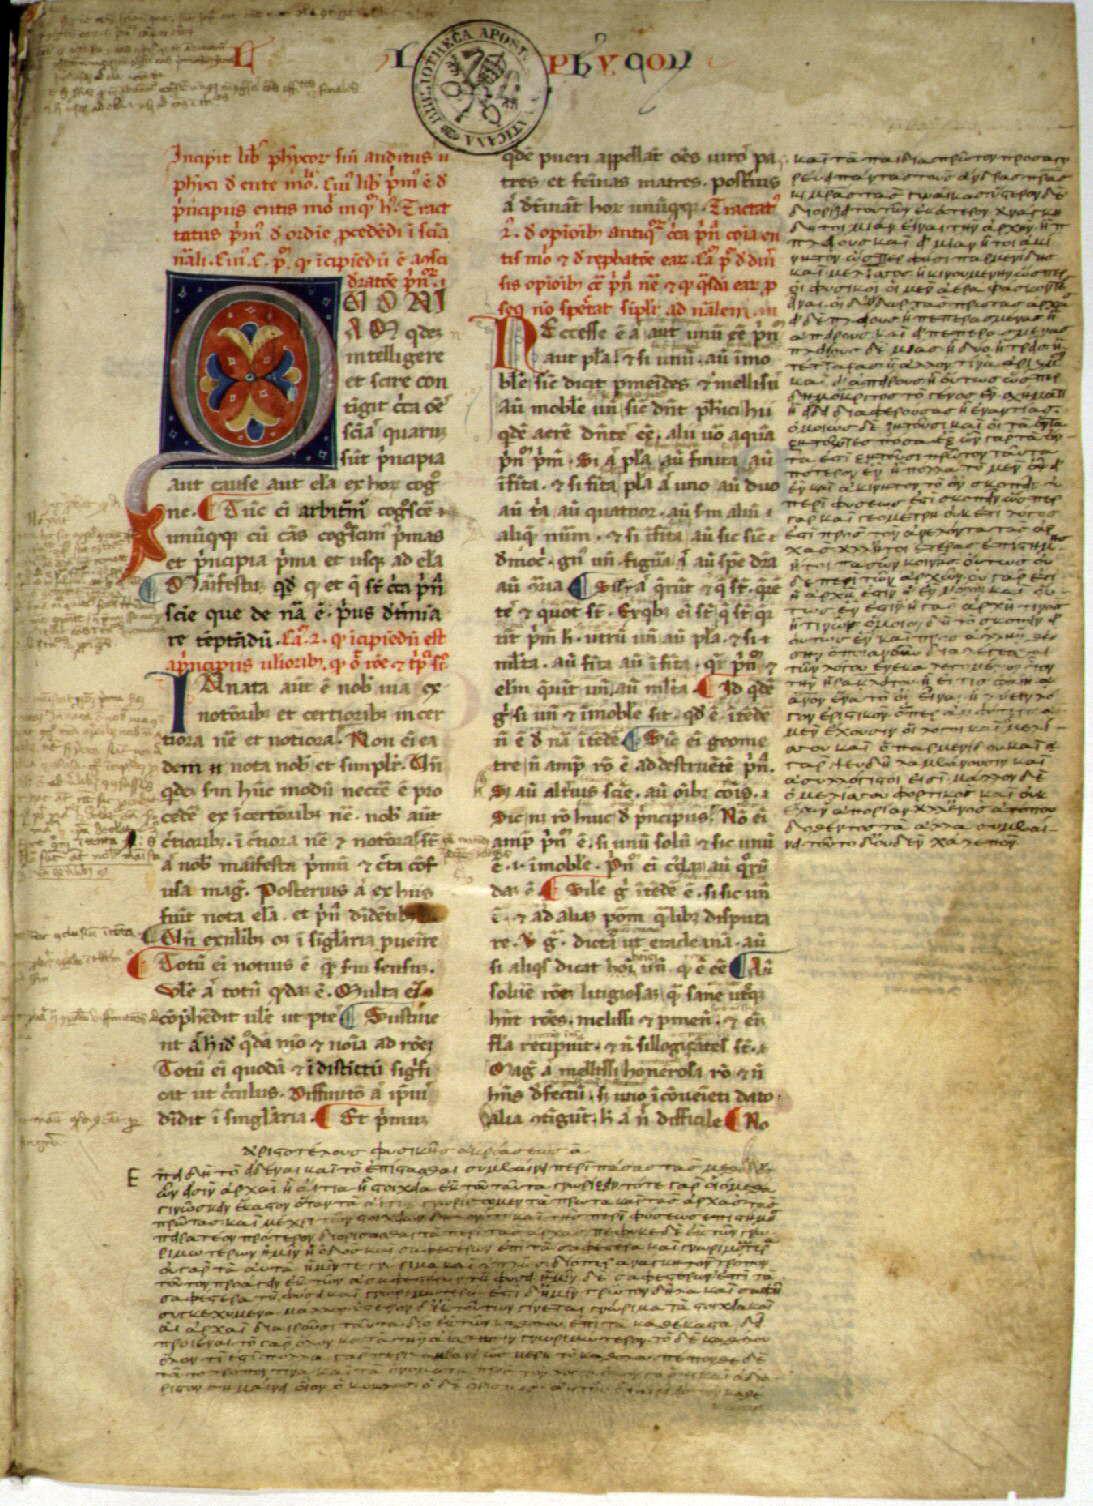 Liste Des Correcteurs De Manuscrits : liste, correcteurs, manuscrits, Manuscrit, Wikipédia